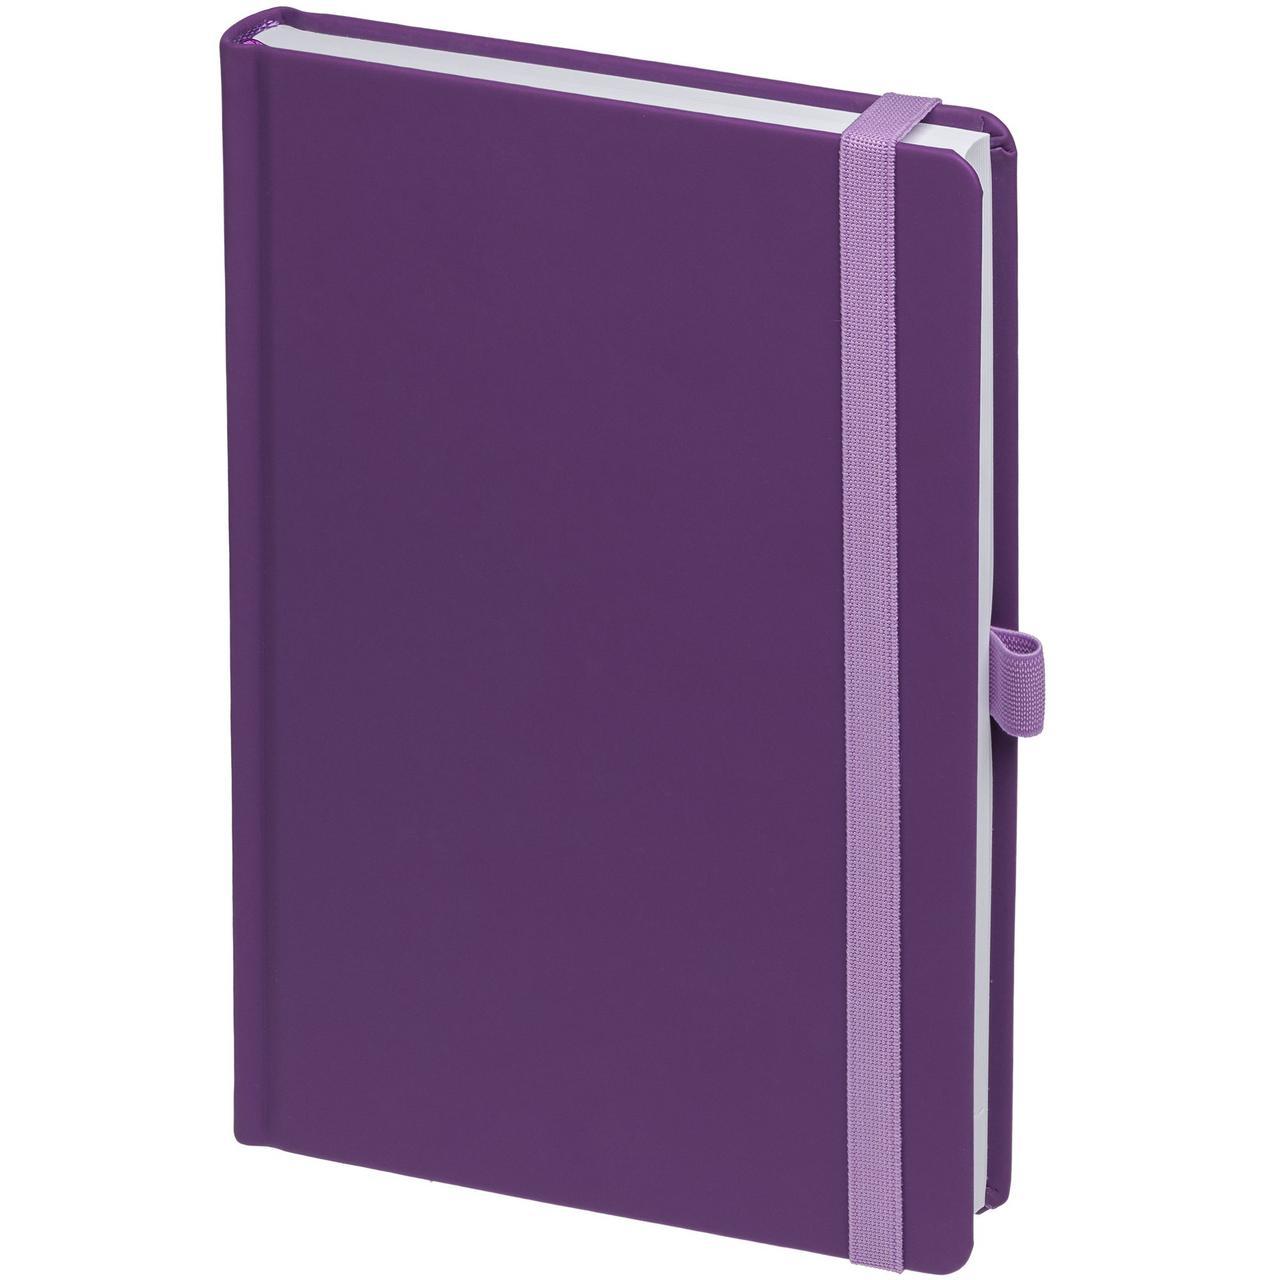 Ежедневник Favor, недатированный, фиолетовый (артикул 17072.70)